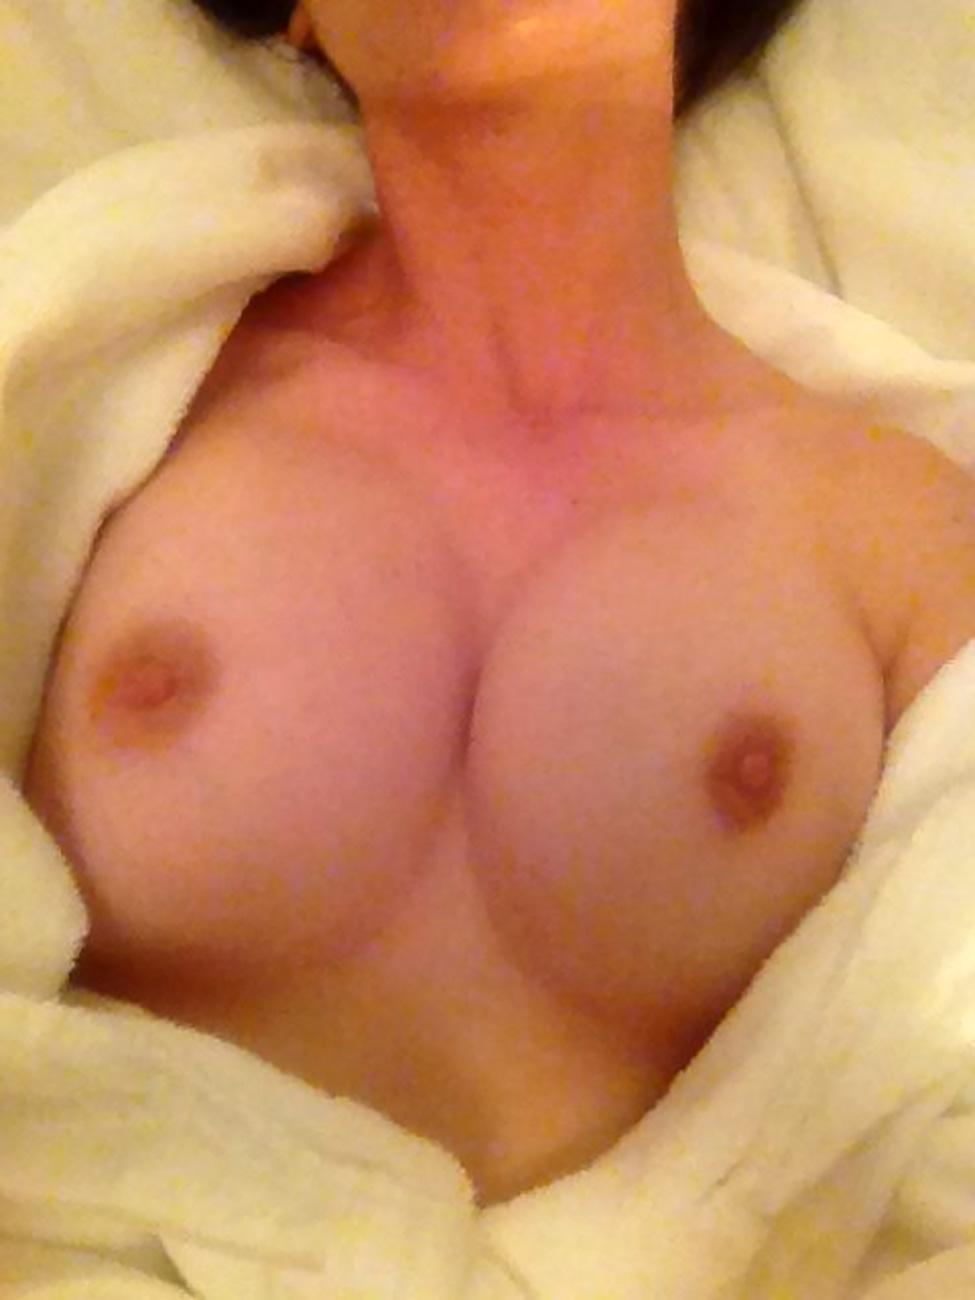 porno de Alison Brie 4